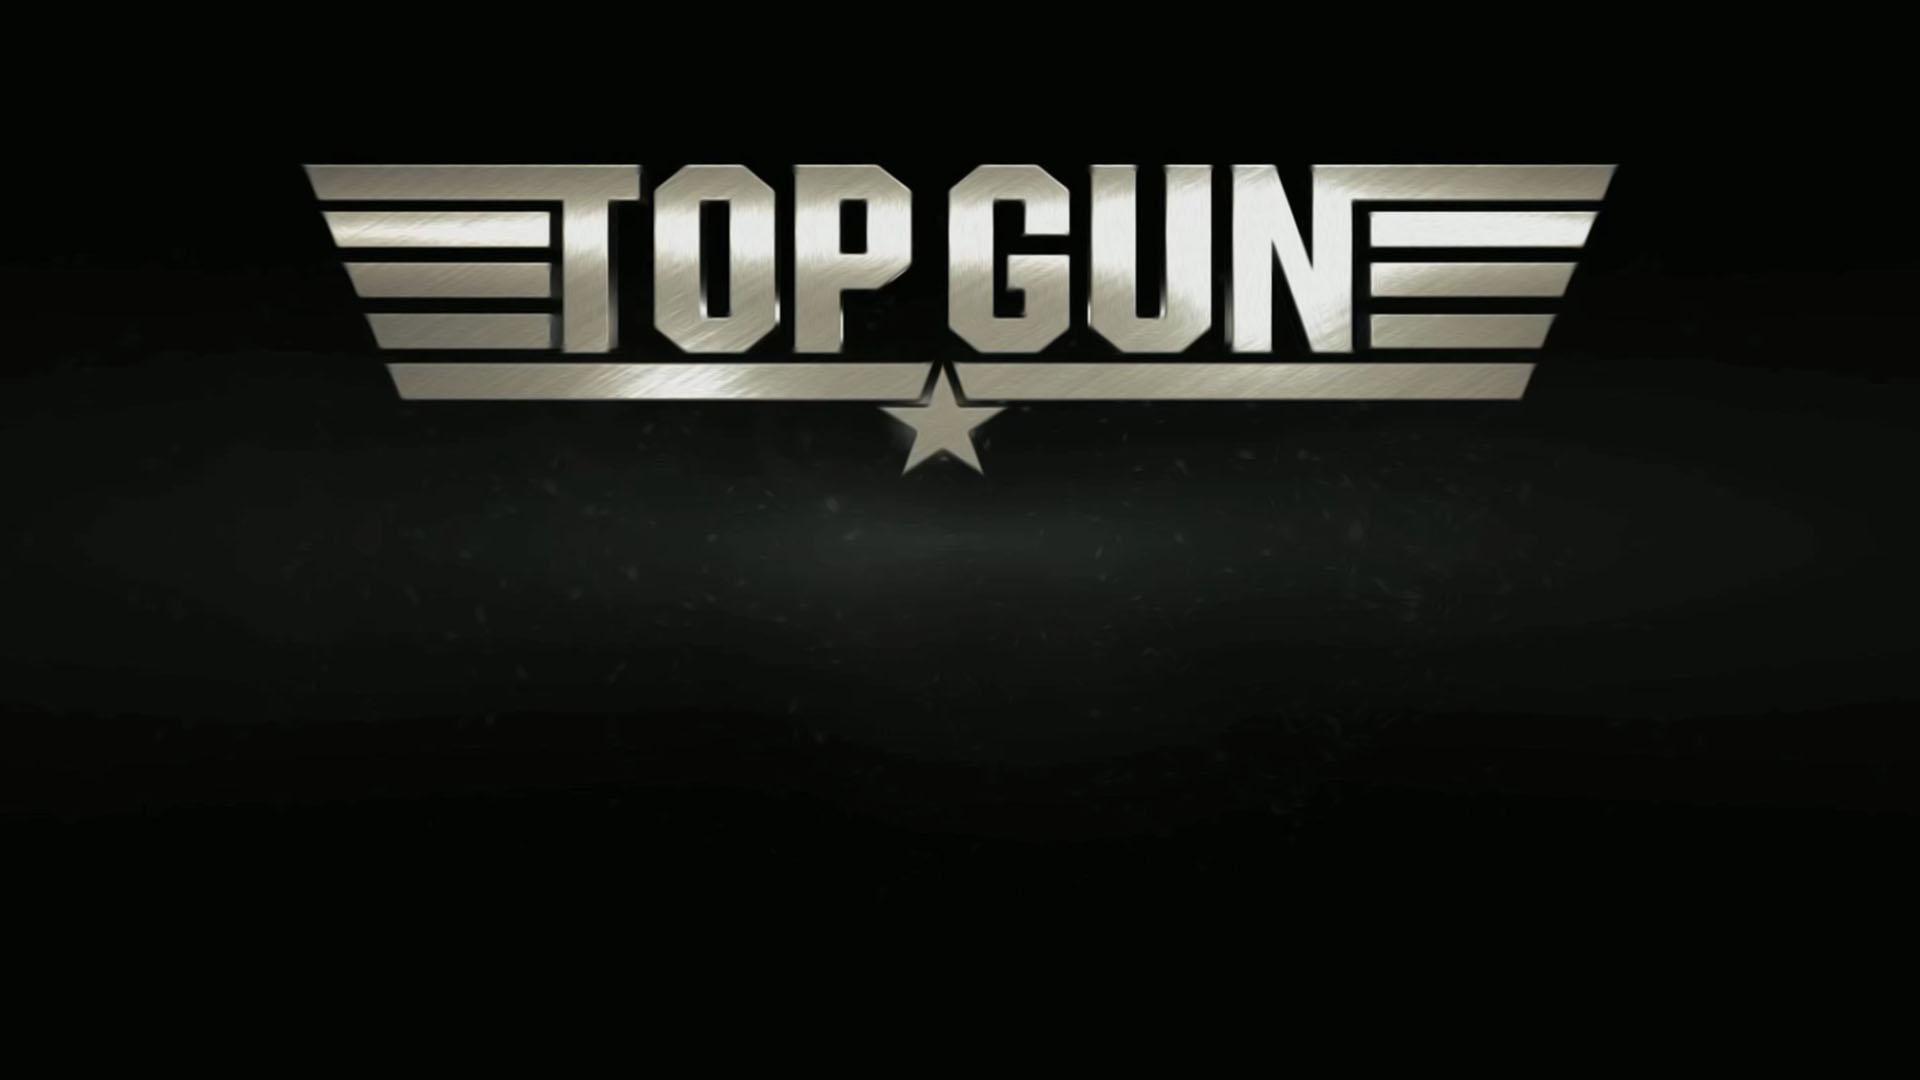 Top Gun Wallpaper HD - WallpaperSafari